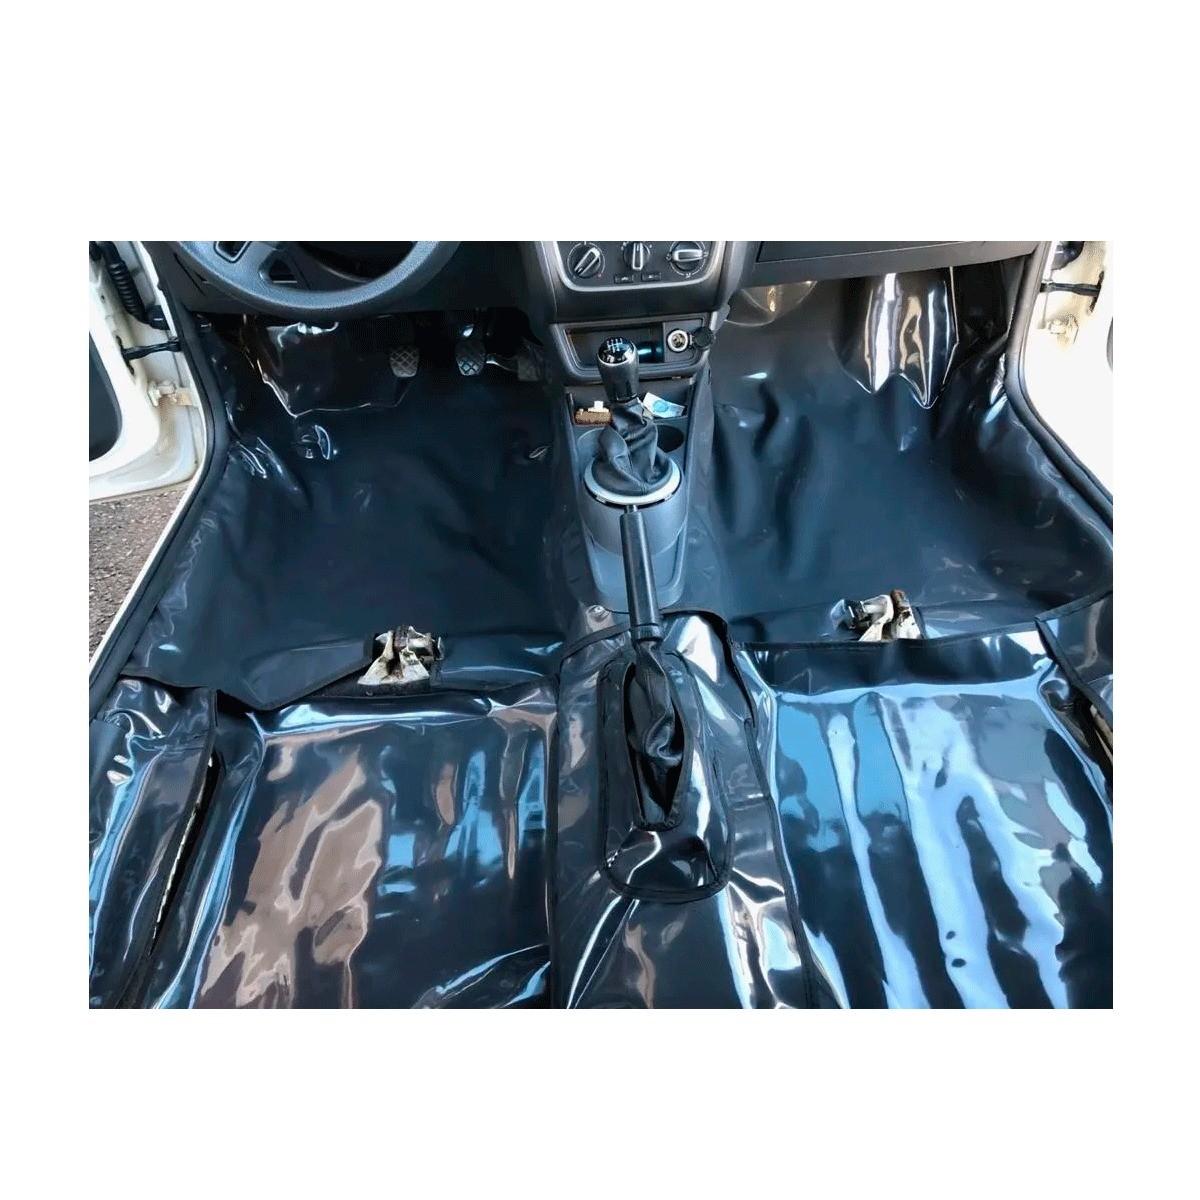 Tapete Proteção Assoalho do Fiat Palio 2001 a 2003 em Vinil Verniz Impermeável